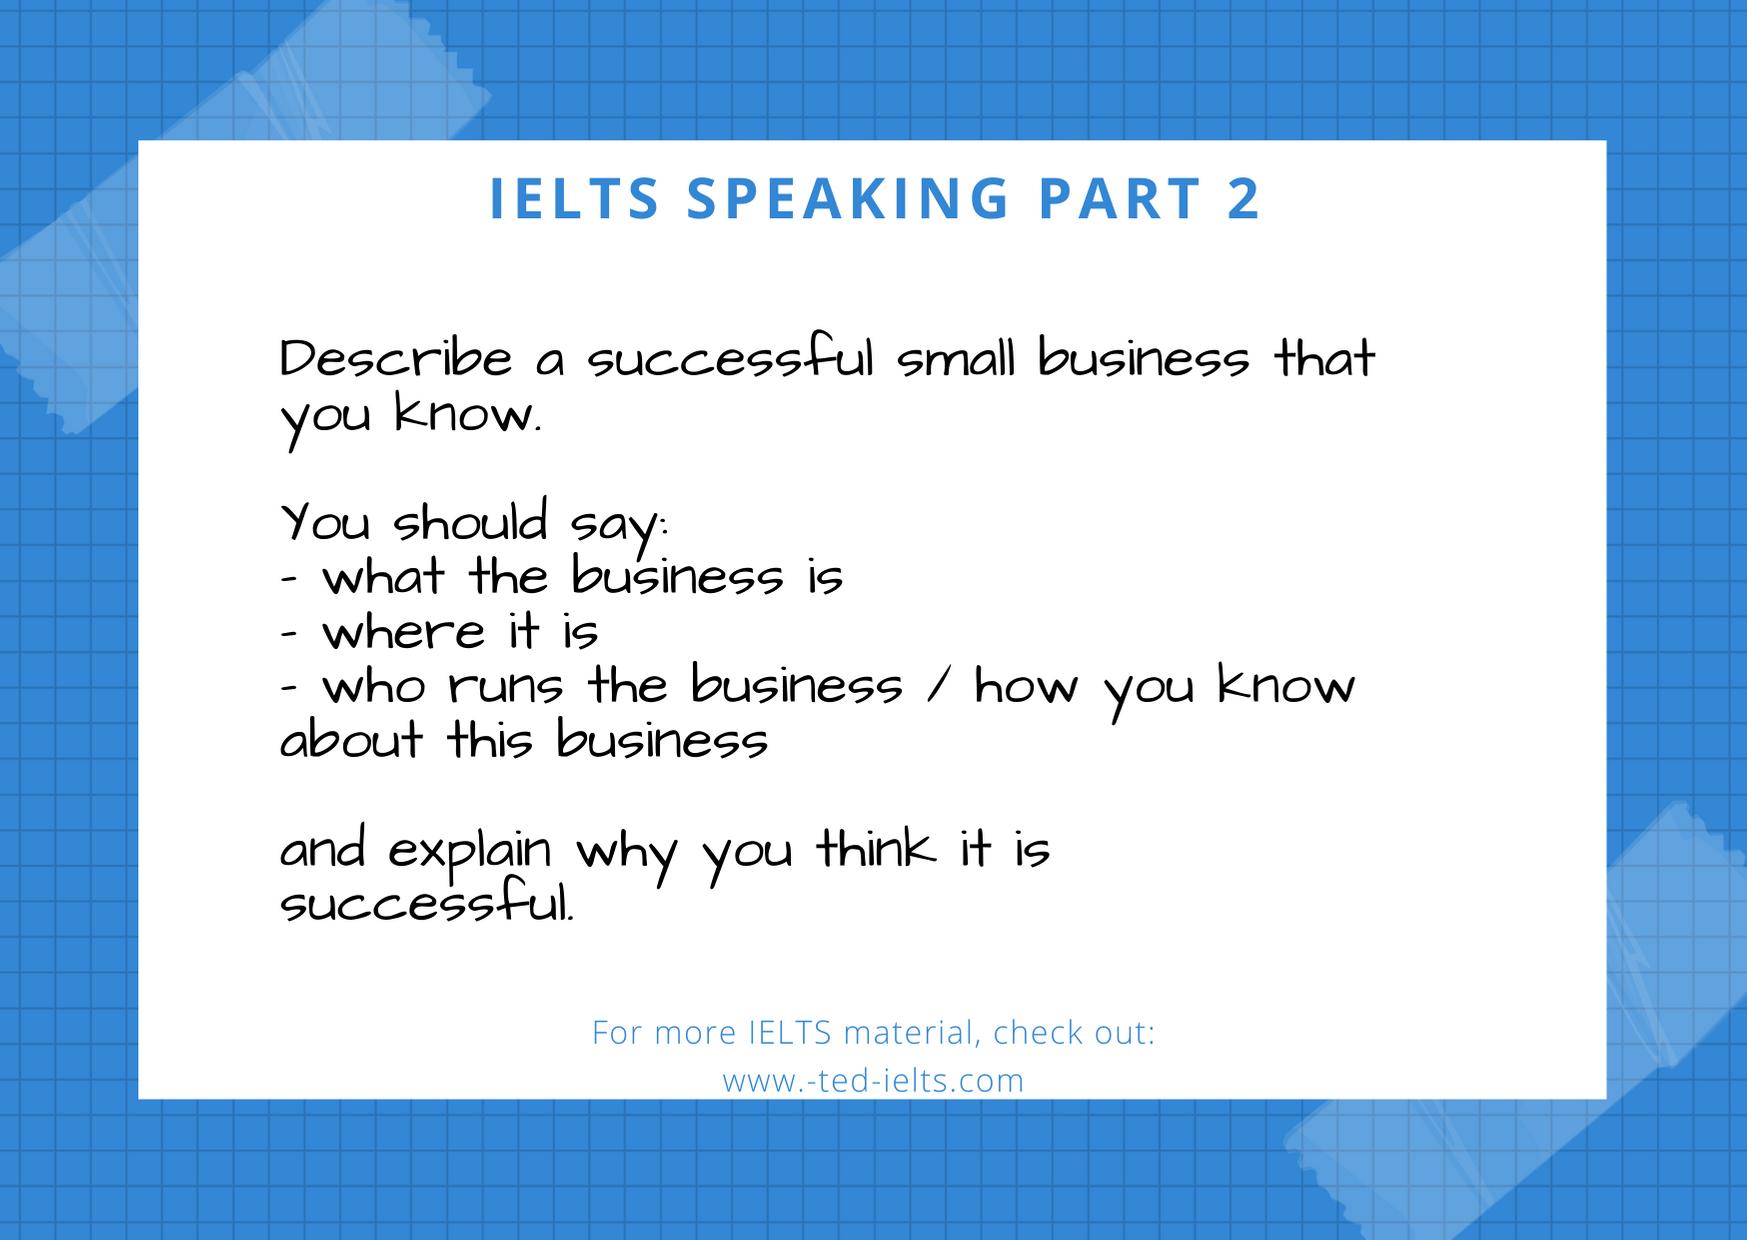 describe a successful small business